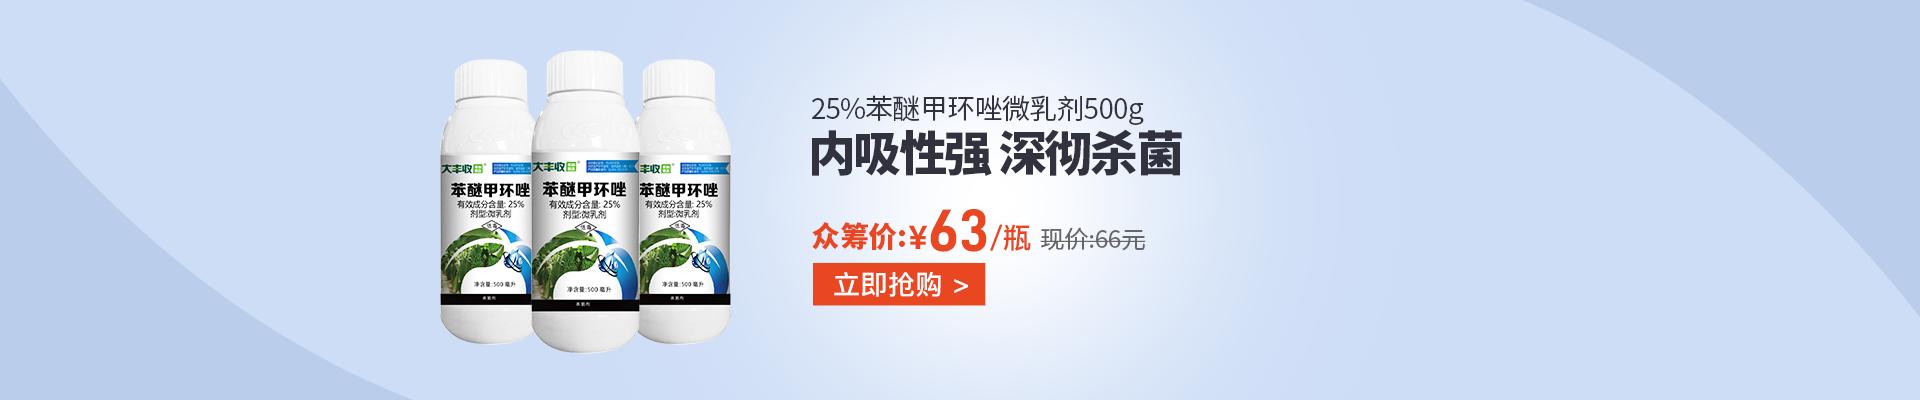 【7月】众筹-【丰创惠选】25%苯醚甲环唑微乳剂500g500g*5瓶